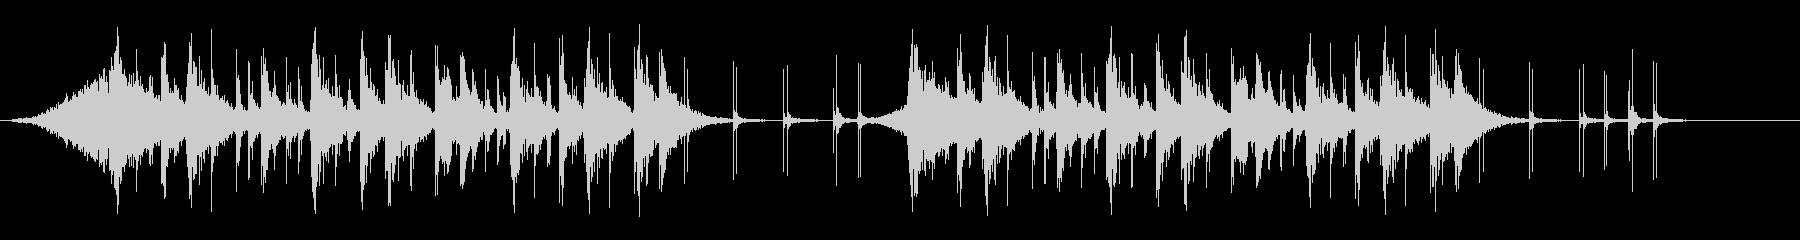 勢いのあるタイポグラフィ向けリズムロゴの未再生の波形